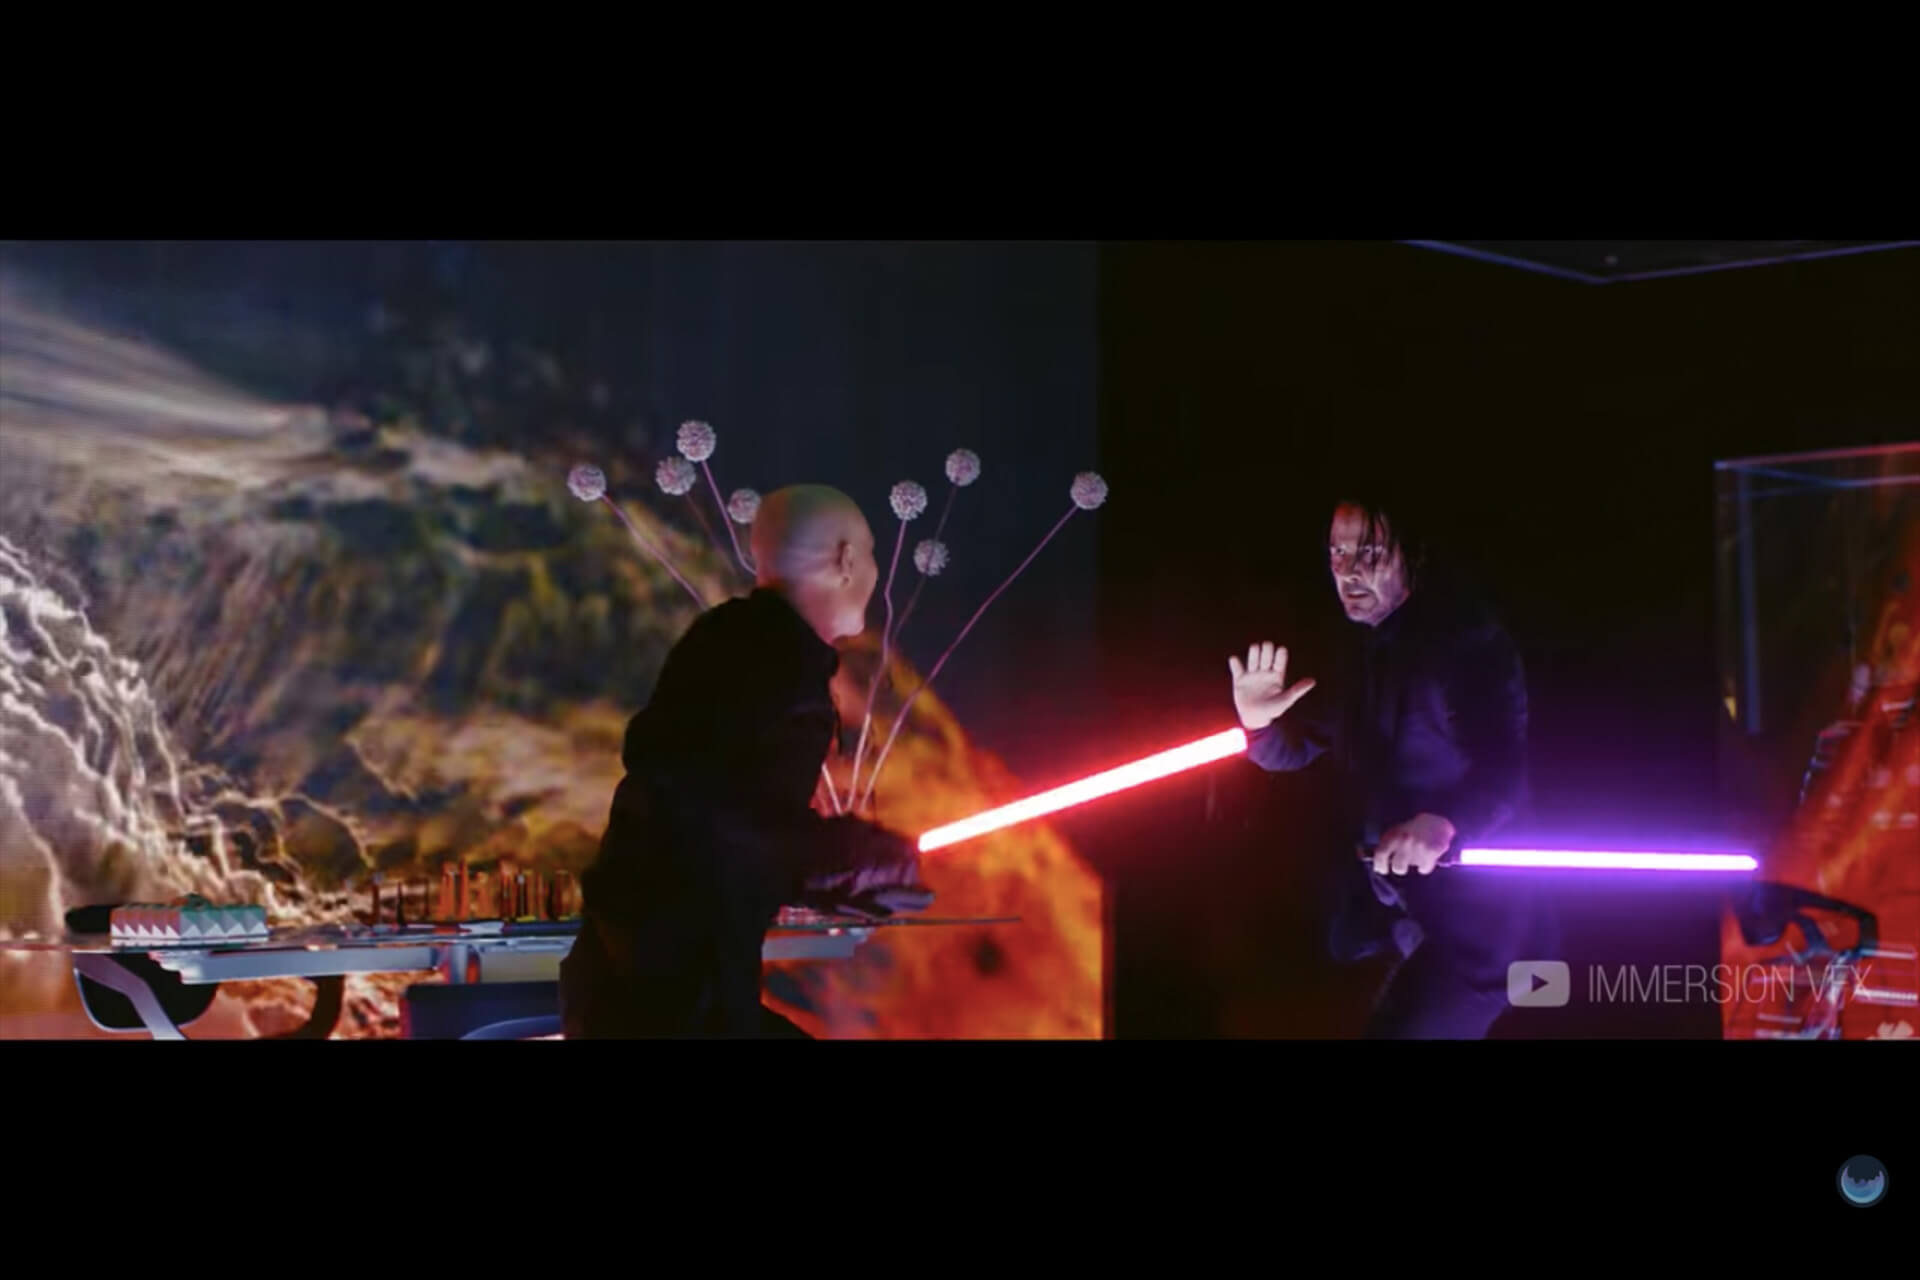 キアヌ・リーブス演じるジョン・ウィックが「スター・ウォーズ」のライトセーバーを手に入れる!?YouTubeに投稿された映像が話題 tech191218_johnwick_starwars_main